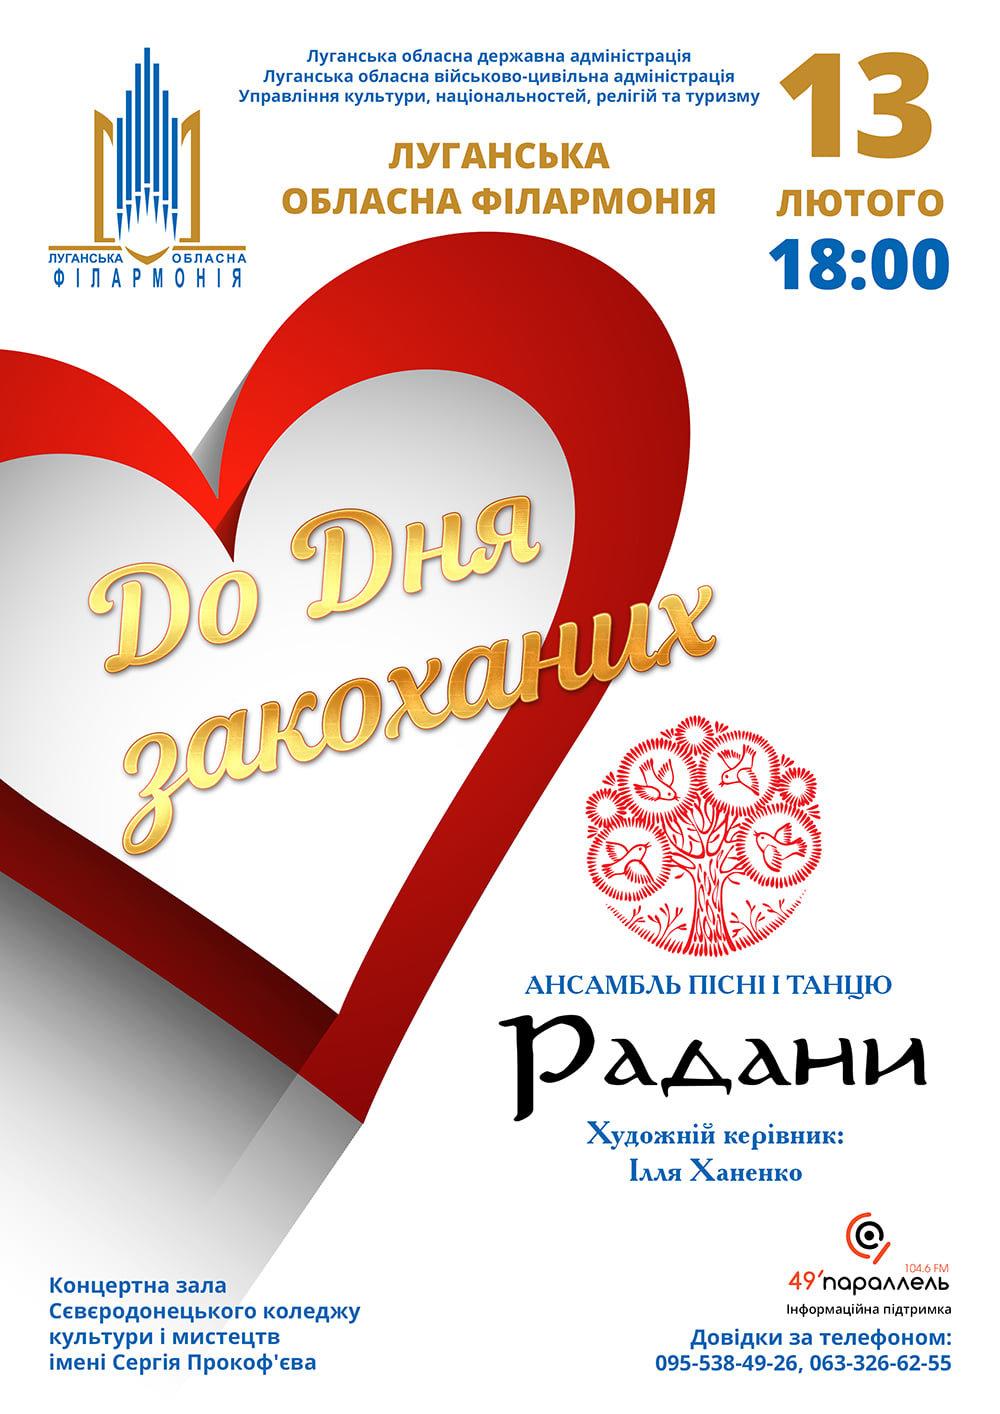 Идеальный день: 10 вариантов где можно необычно провести День Святого Валентина на Донбассе, фото-7